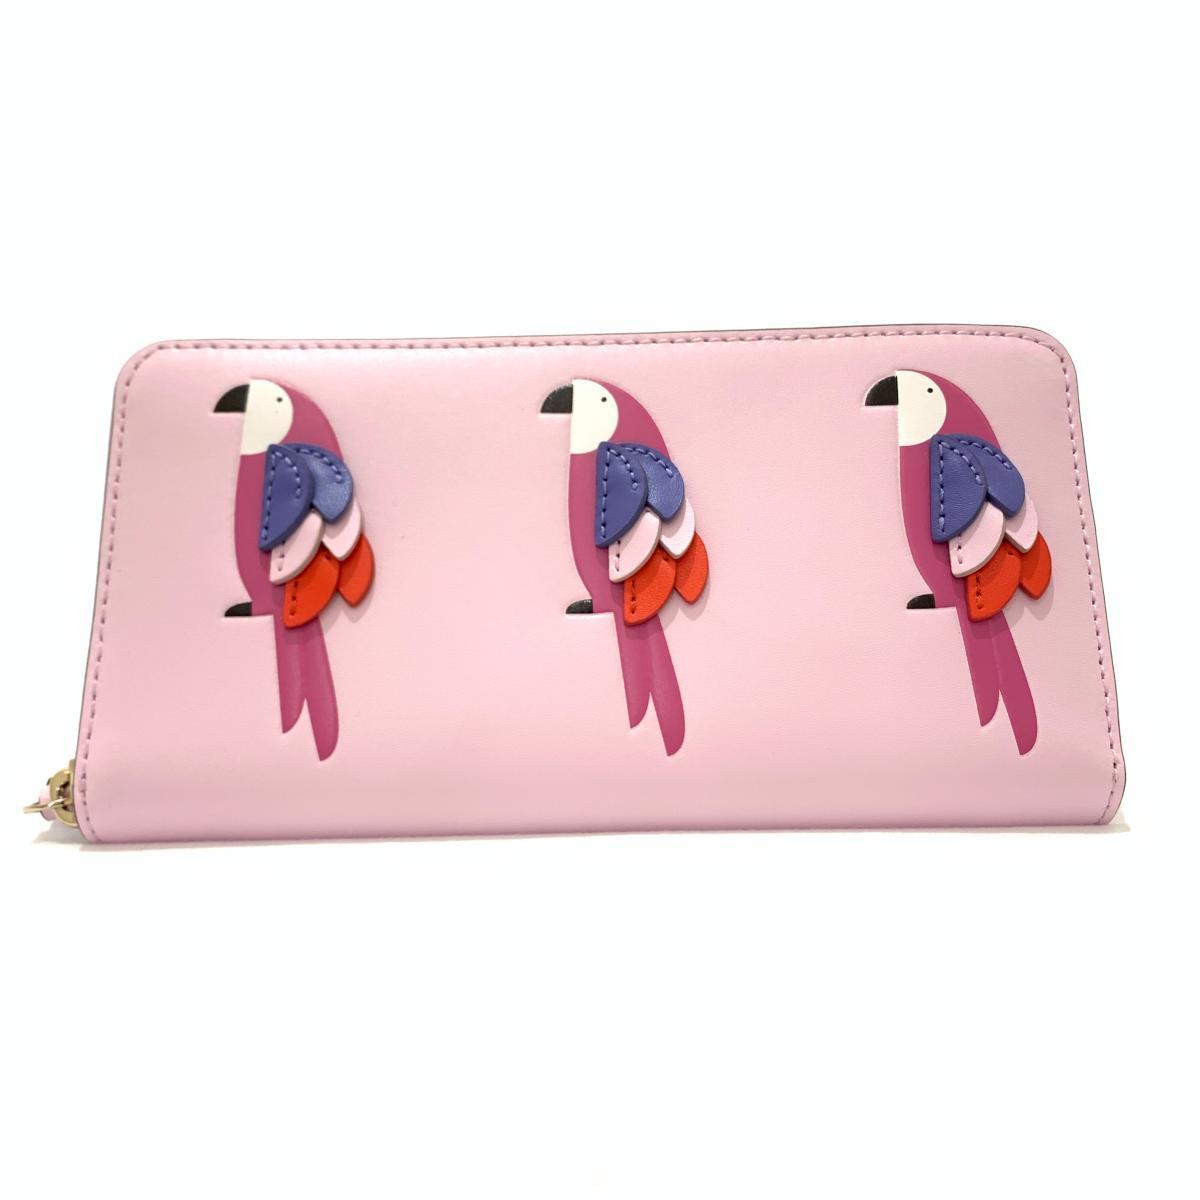 新品同様 kate spade ケイトスペード 交換無料 ラウンドファスナー長財布 ショッピング pink ピンク 服飾小物 中古 レディース ウォレット SI1015 レザー インコ